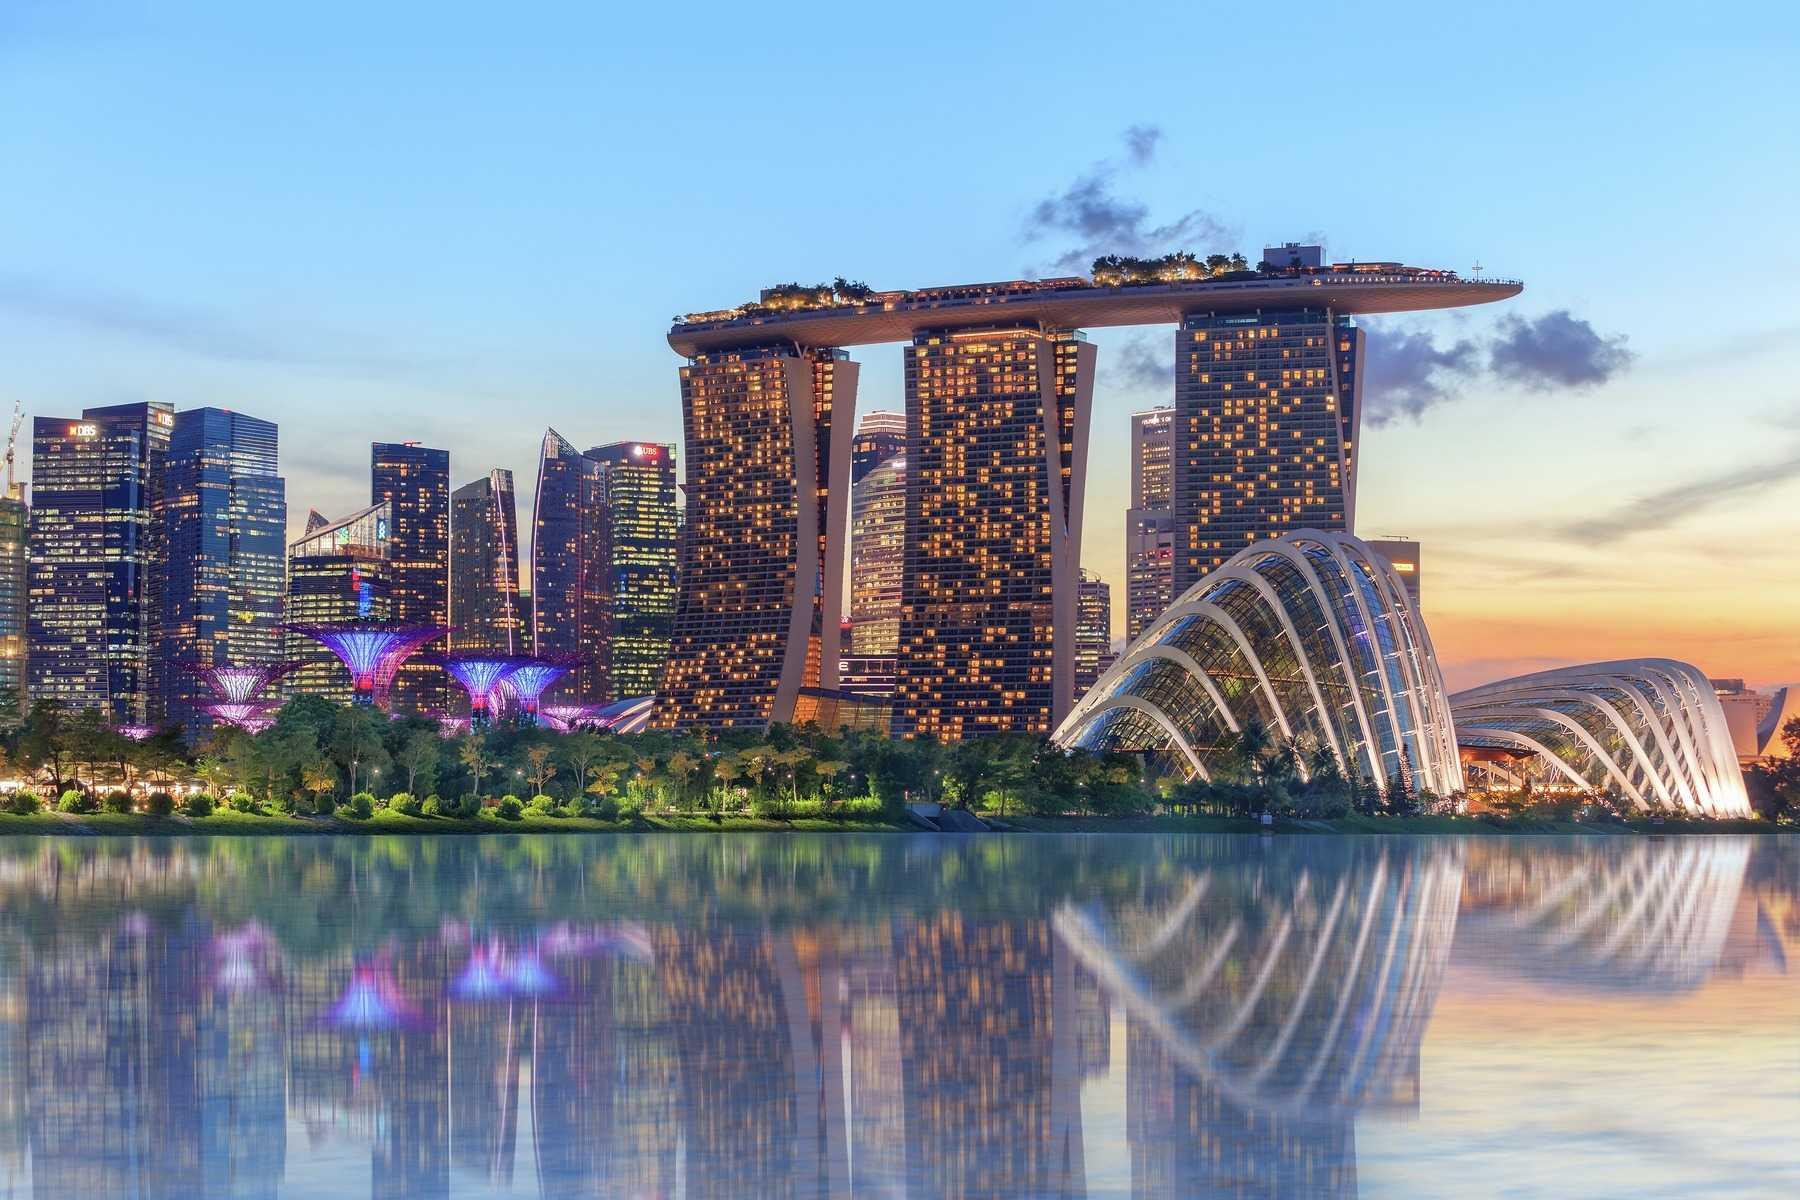 Hãy khám phá đất nước Singapore thật vui vẻ cùng những chiếc sim du lịch giá rẻ